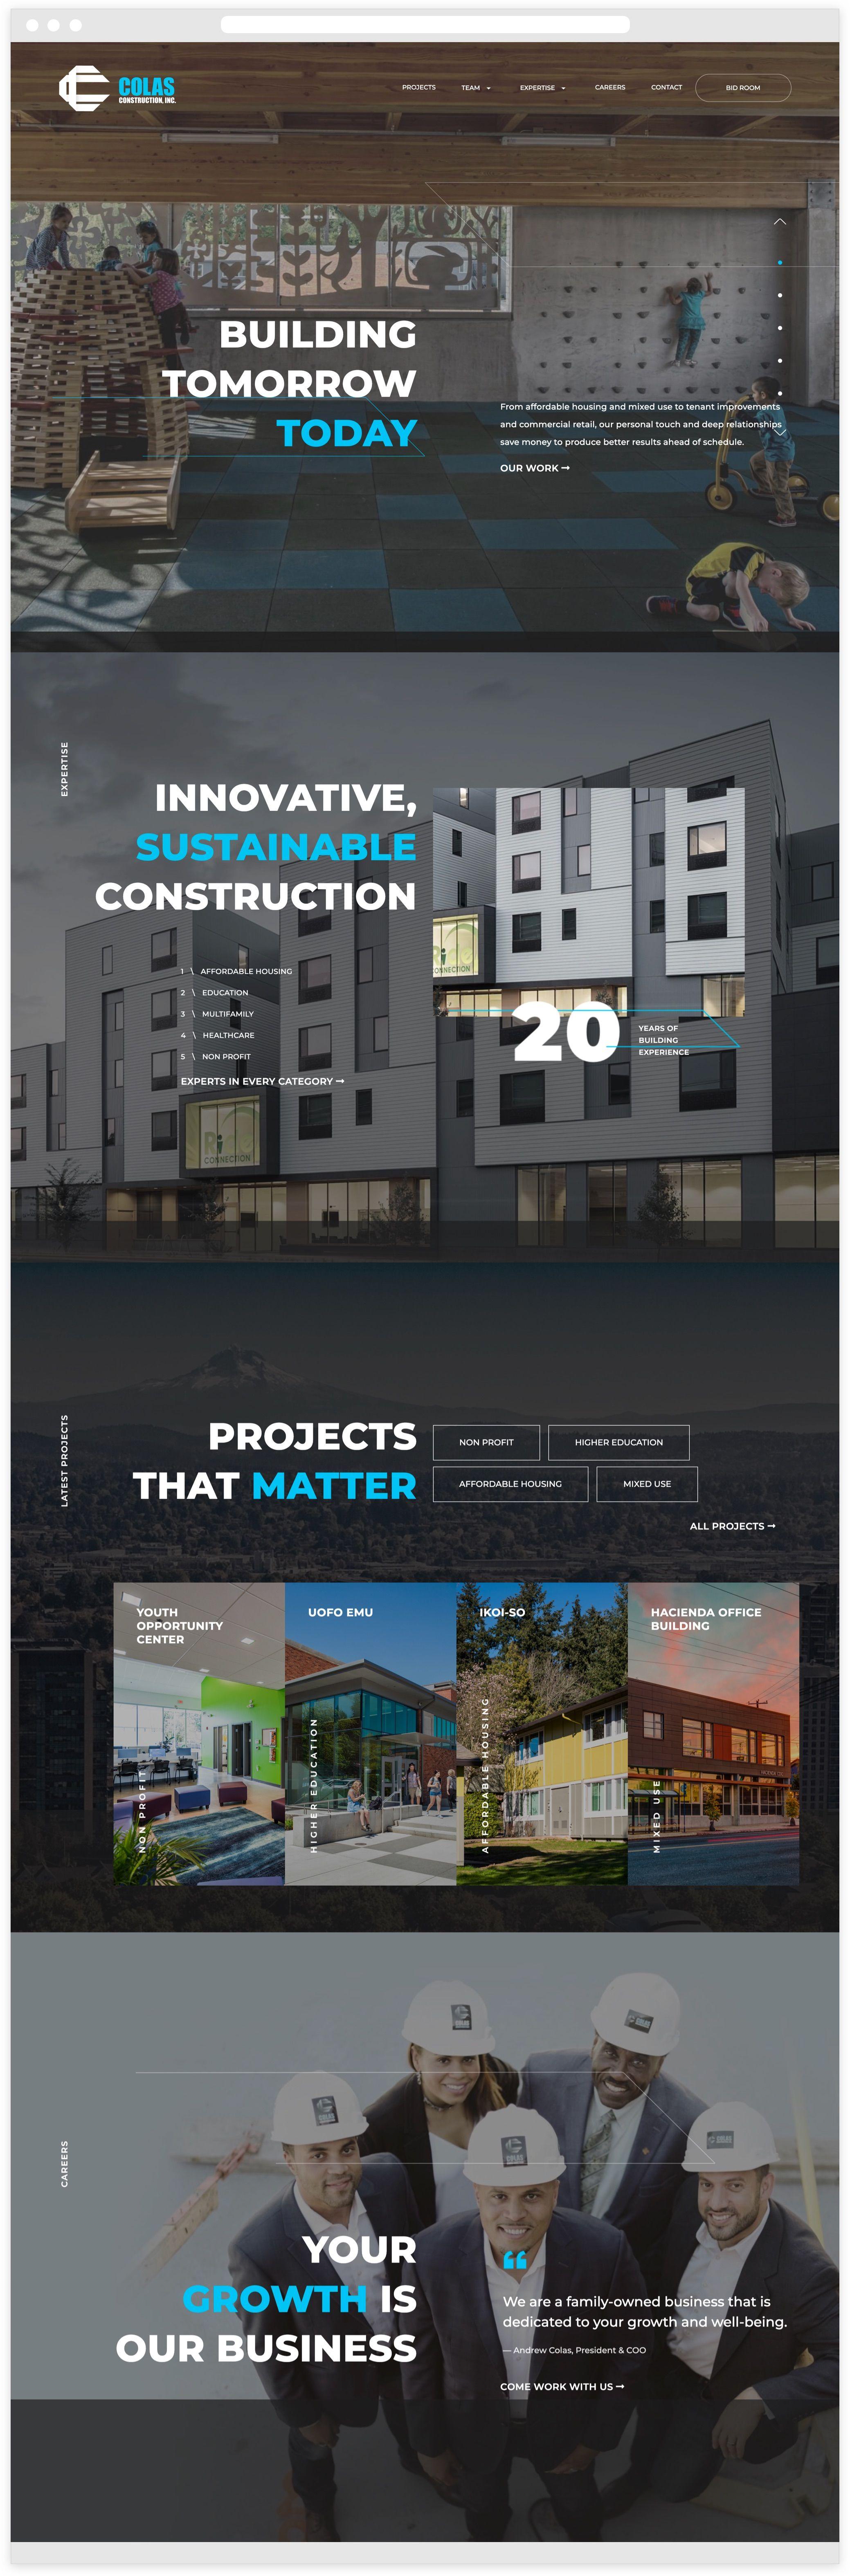 Colas Construction - Desktop Version